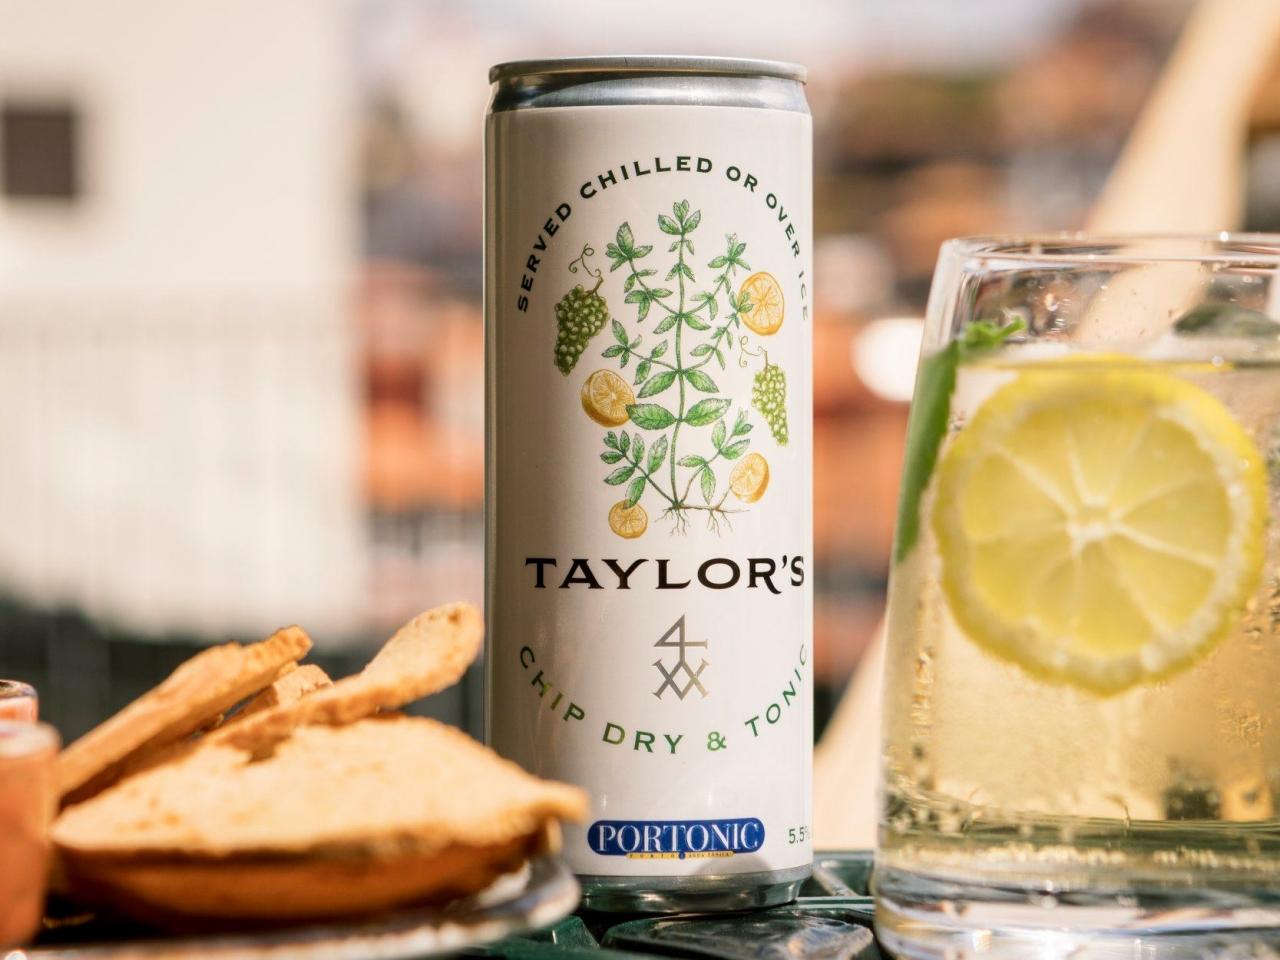 Taylors port tonic